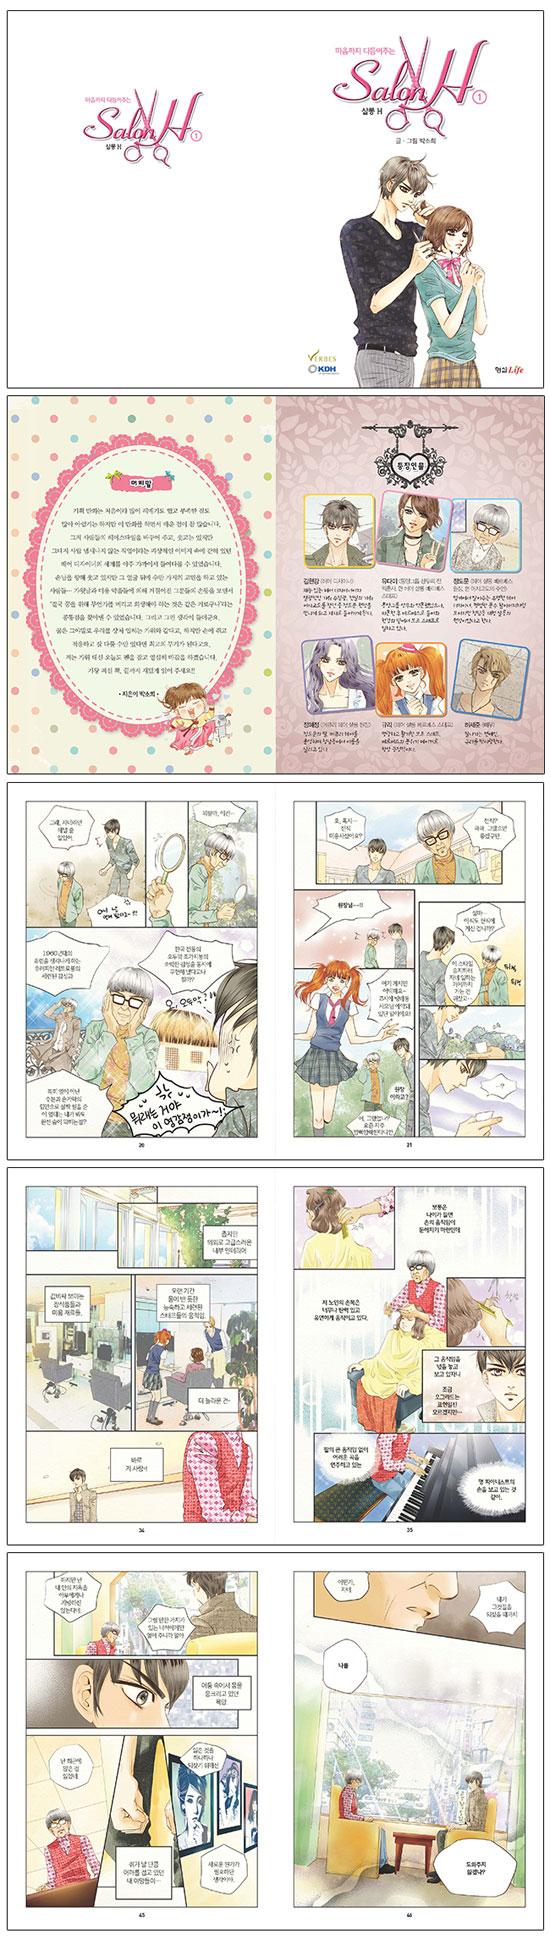 manhua-famosi-in-Italia-Libri-coreano-in-vendita-Vol-1-Salon-H-fumettista-Park So-Hee